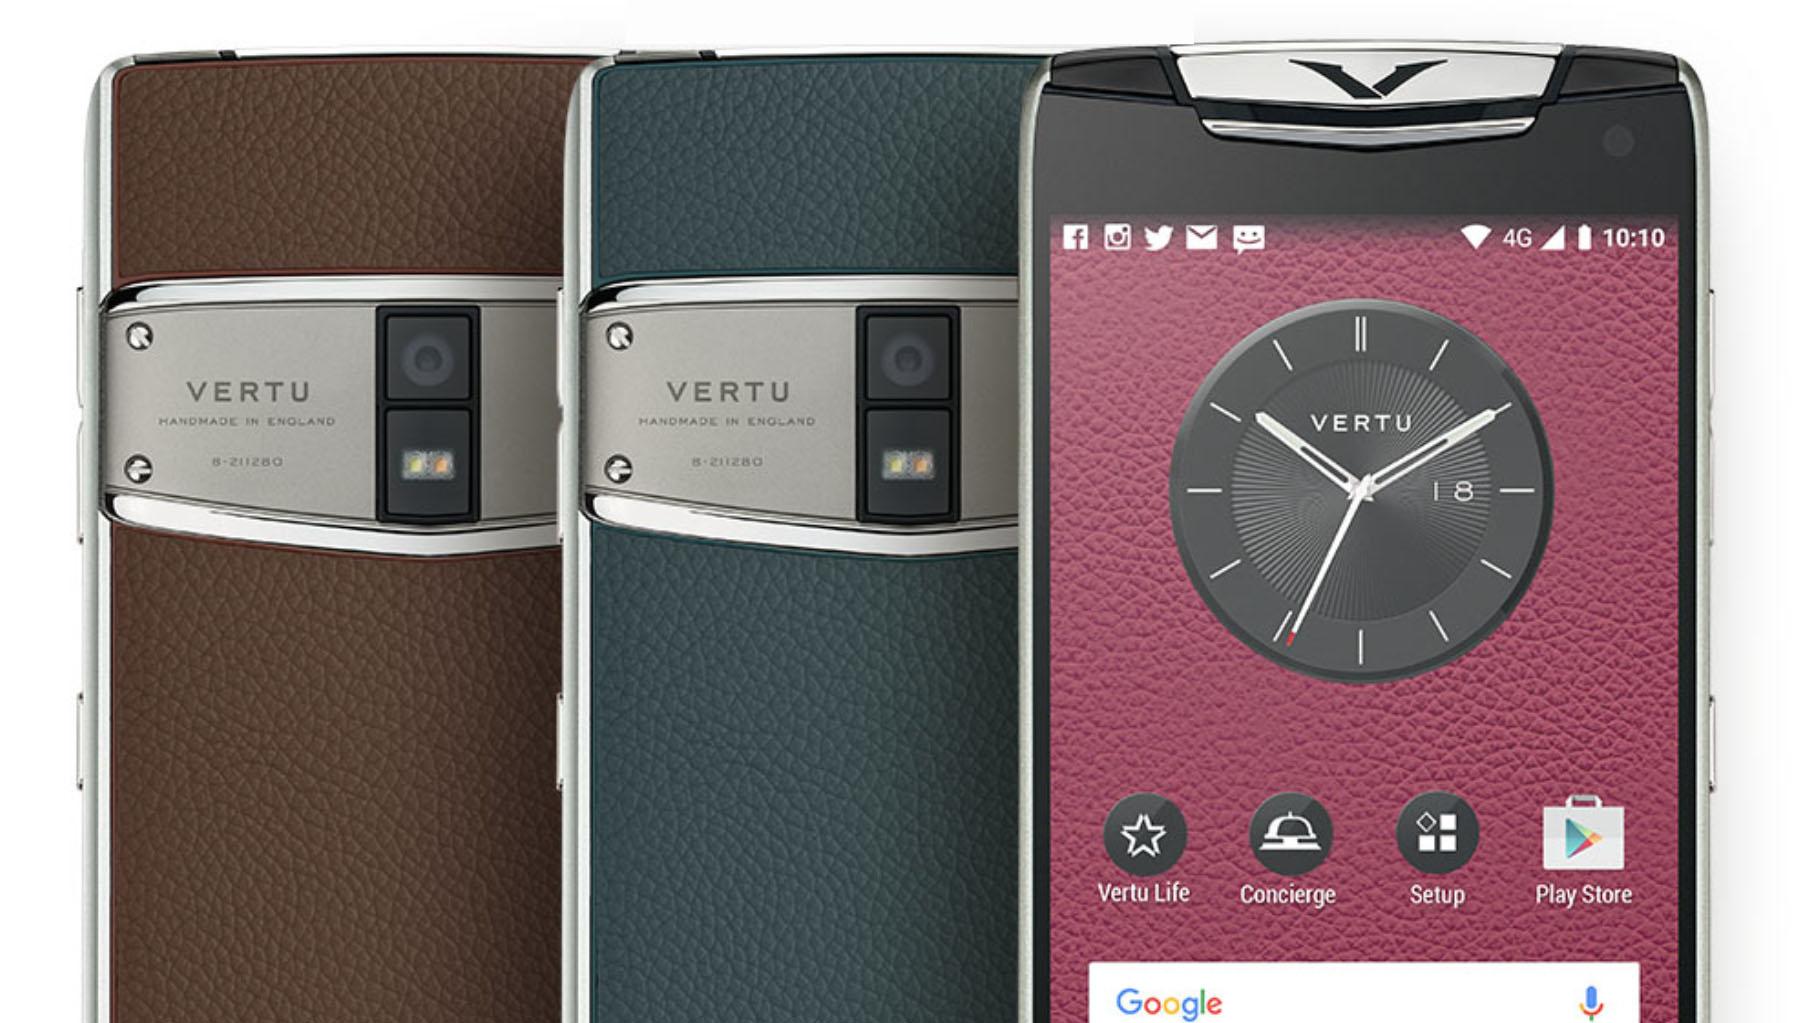 Flere av Vertus telefoner kostet over 100 000 kroner, nå har de milliardgjeld og går konkurs.